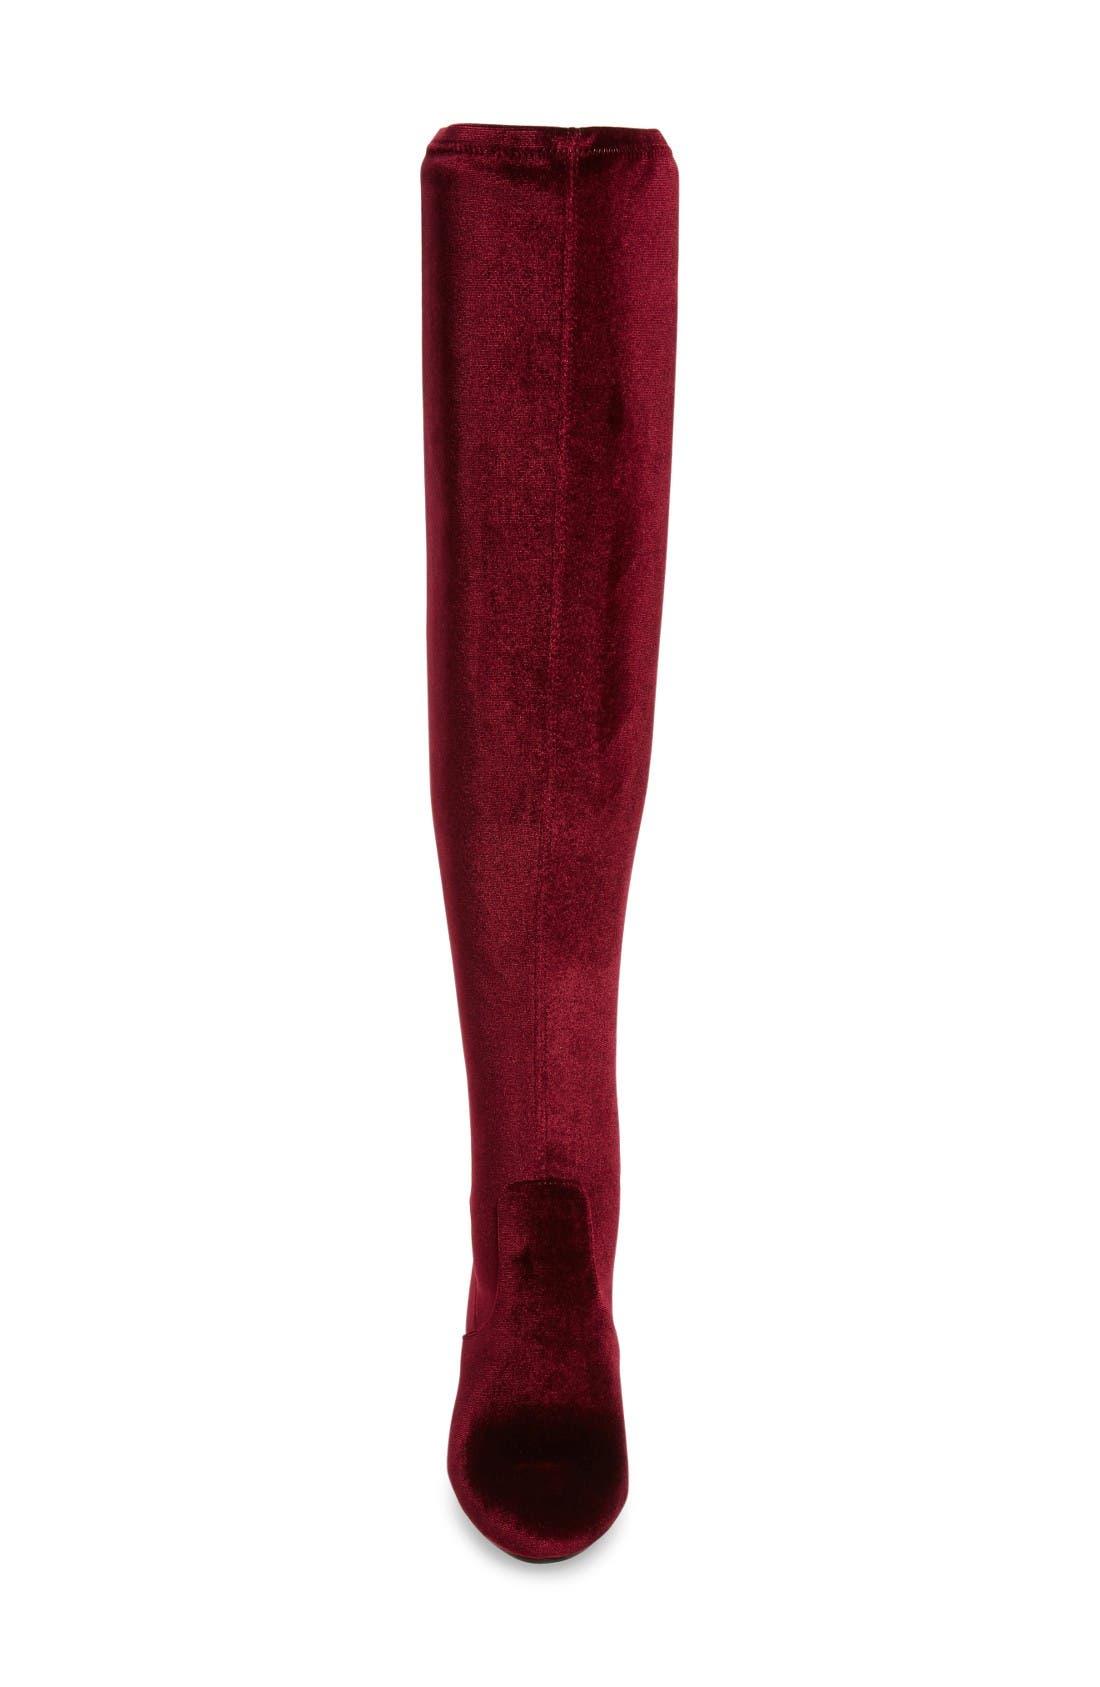 Alternate Image 3  - Steve Madden Emotionv Over the Knee Boot (Women)